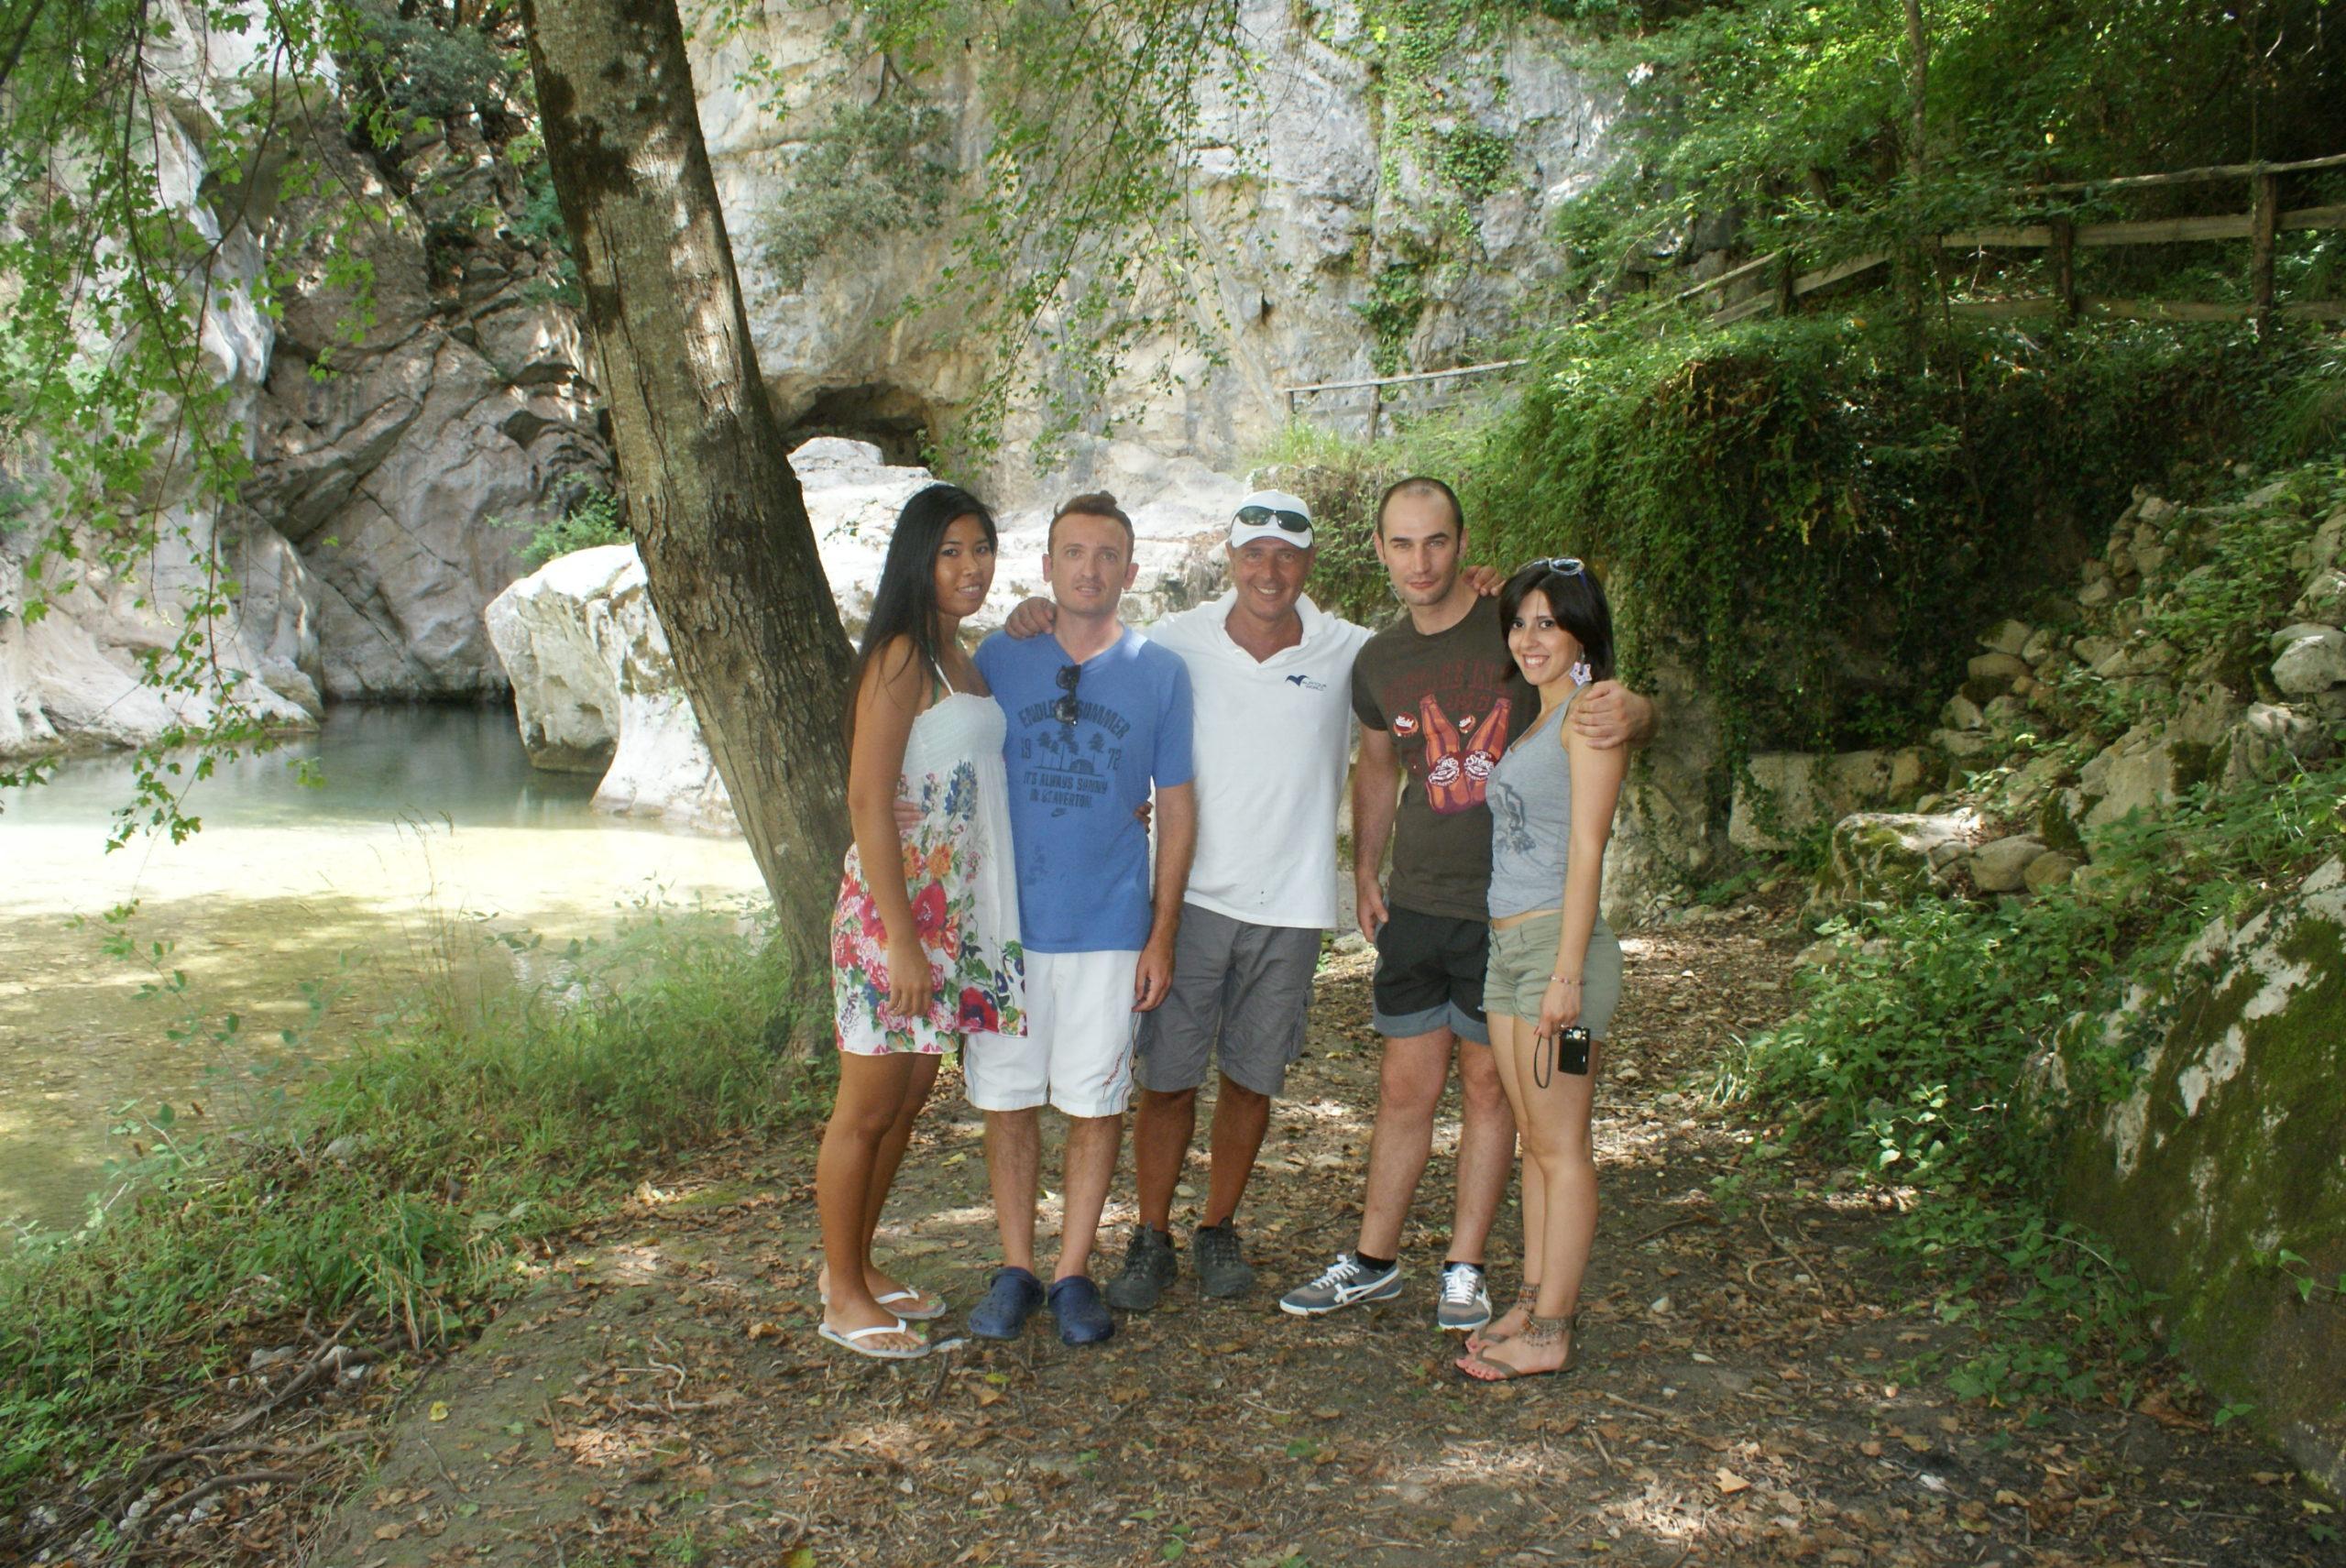 Sacco (Salerno) - Gruppo escursionisti conosciuti nel luogo